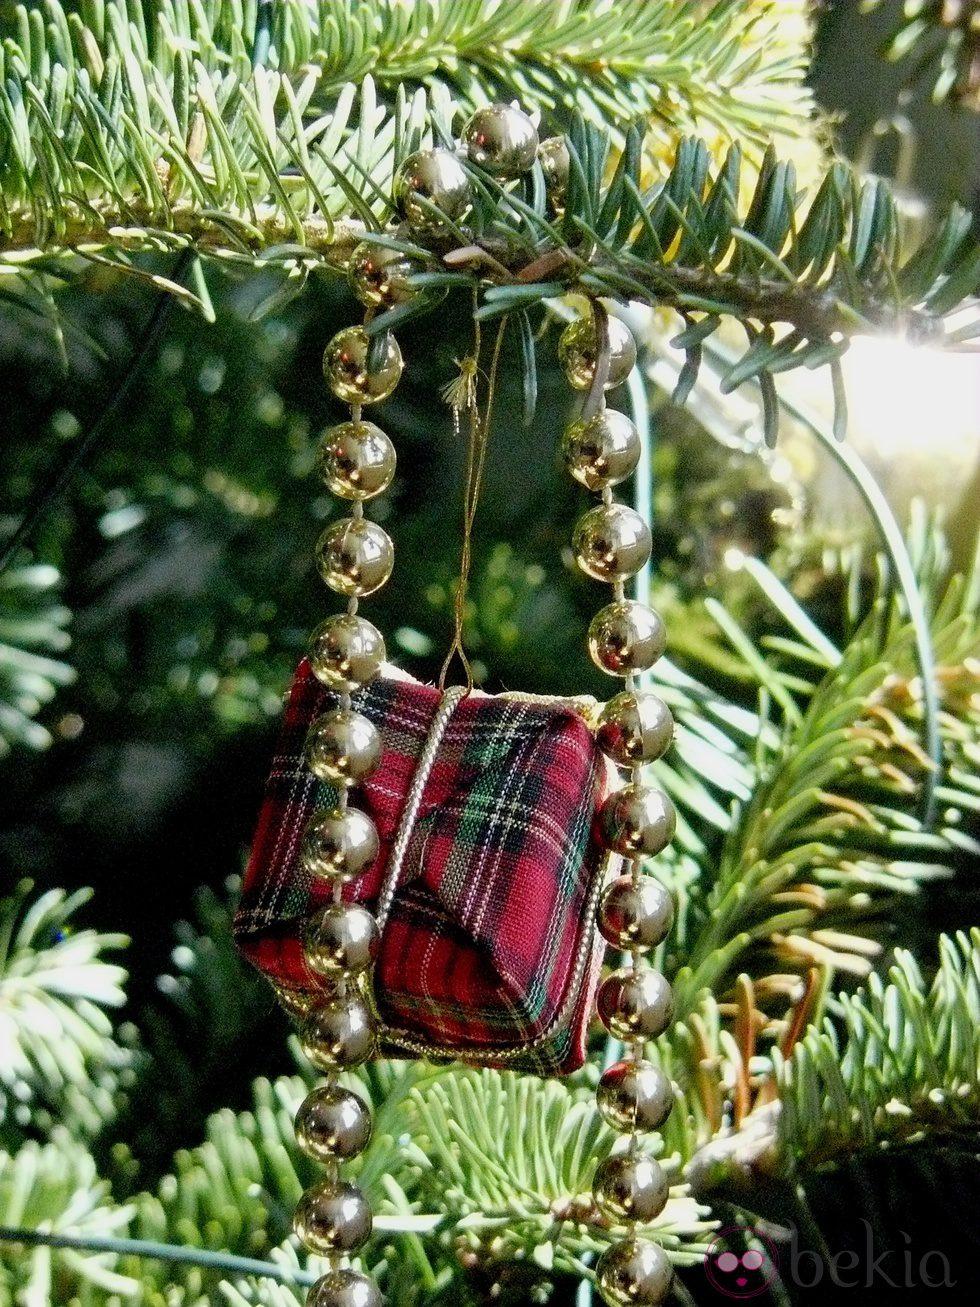 Rbol de navidad decorado con un collar dorado y regalitos ideas para decorar el rbol de - Imagenes de arboles de navidad decorados ...